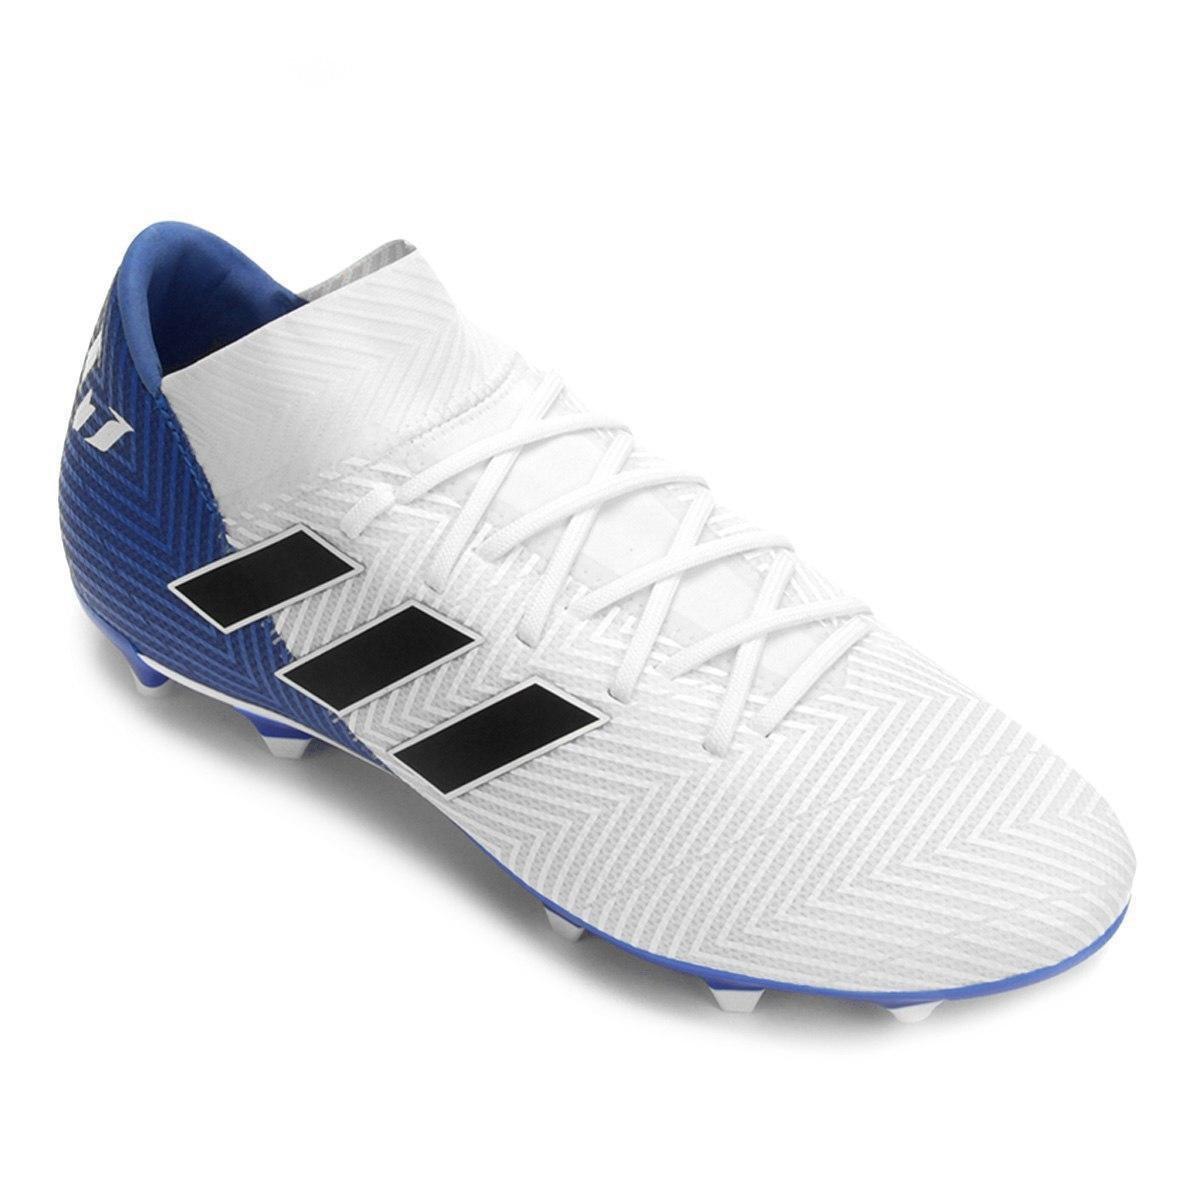 b2933168a0b72 Chuteira Campo Adidas Nemeziz Messi 18 3 FG - Branco e Preto - Compre Agora